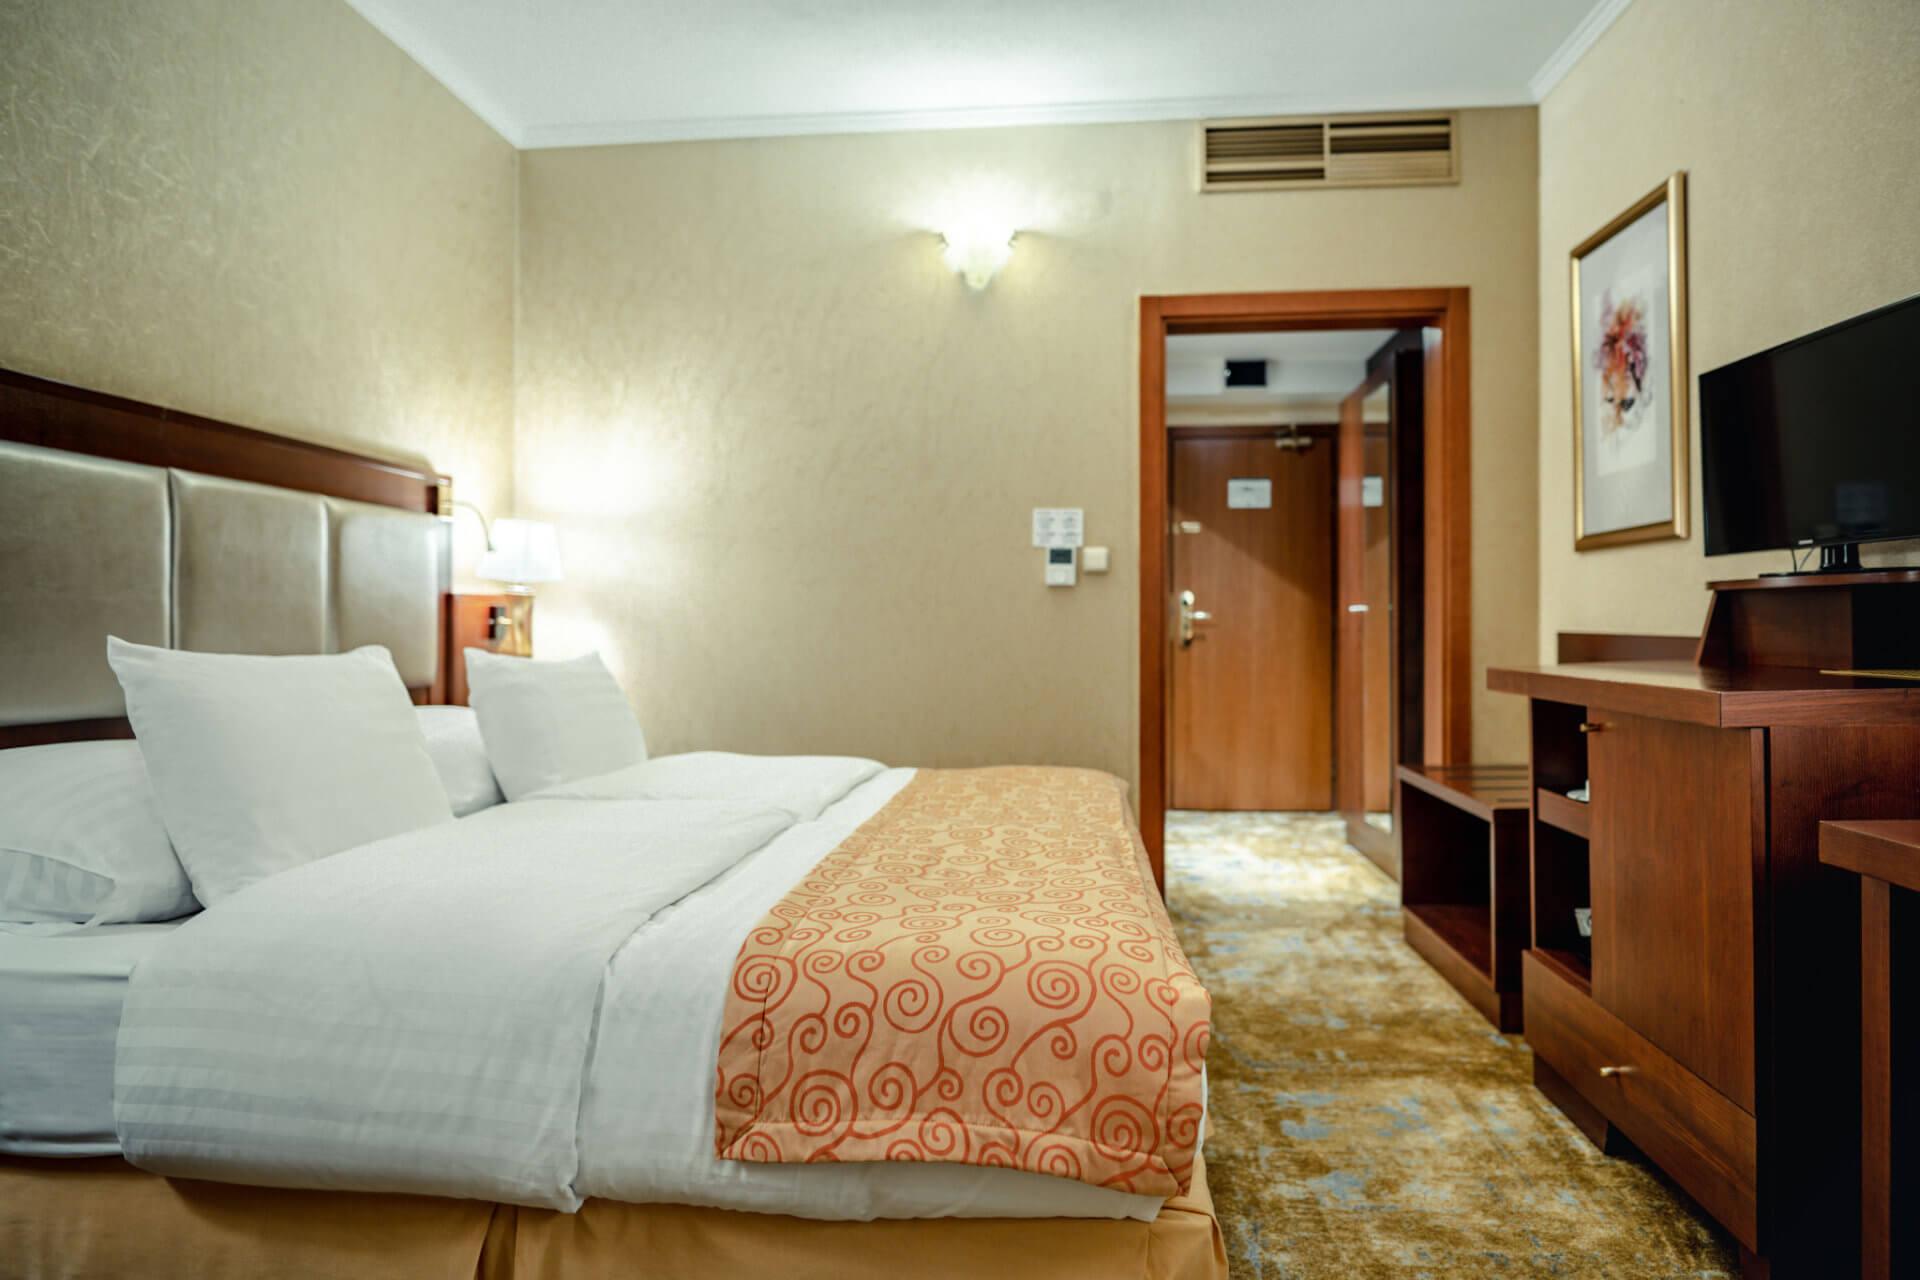 Izba (ubytovanie) v resorte Kaskady